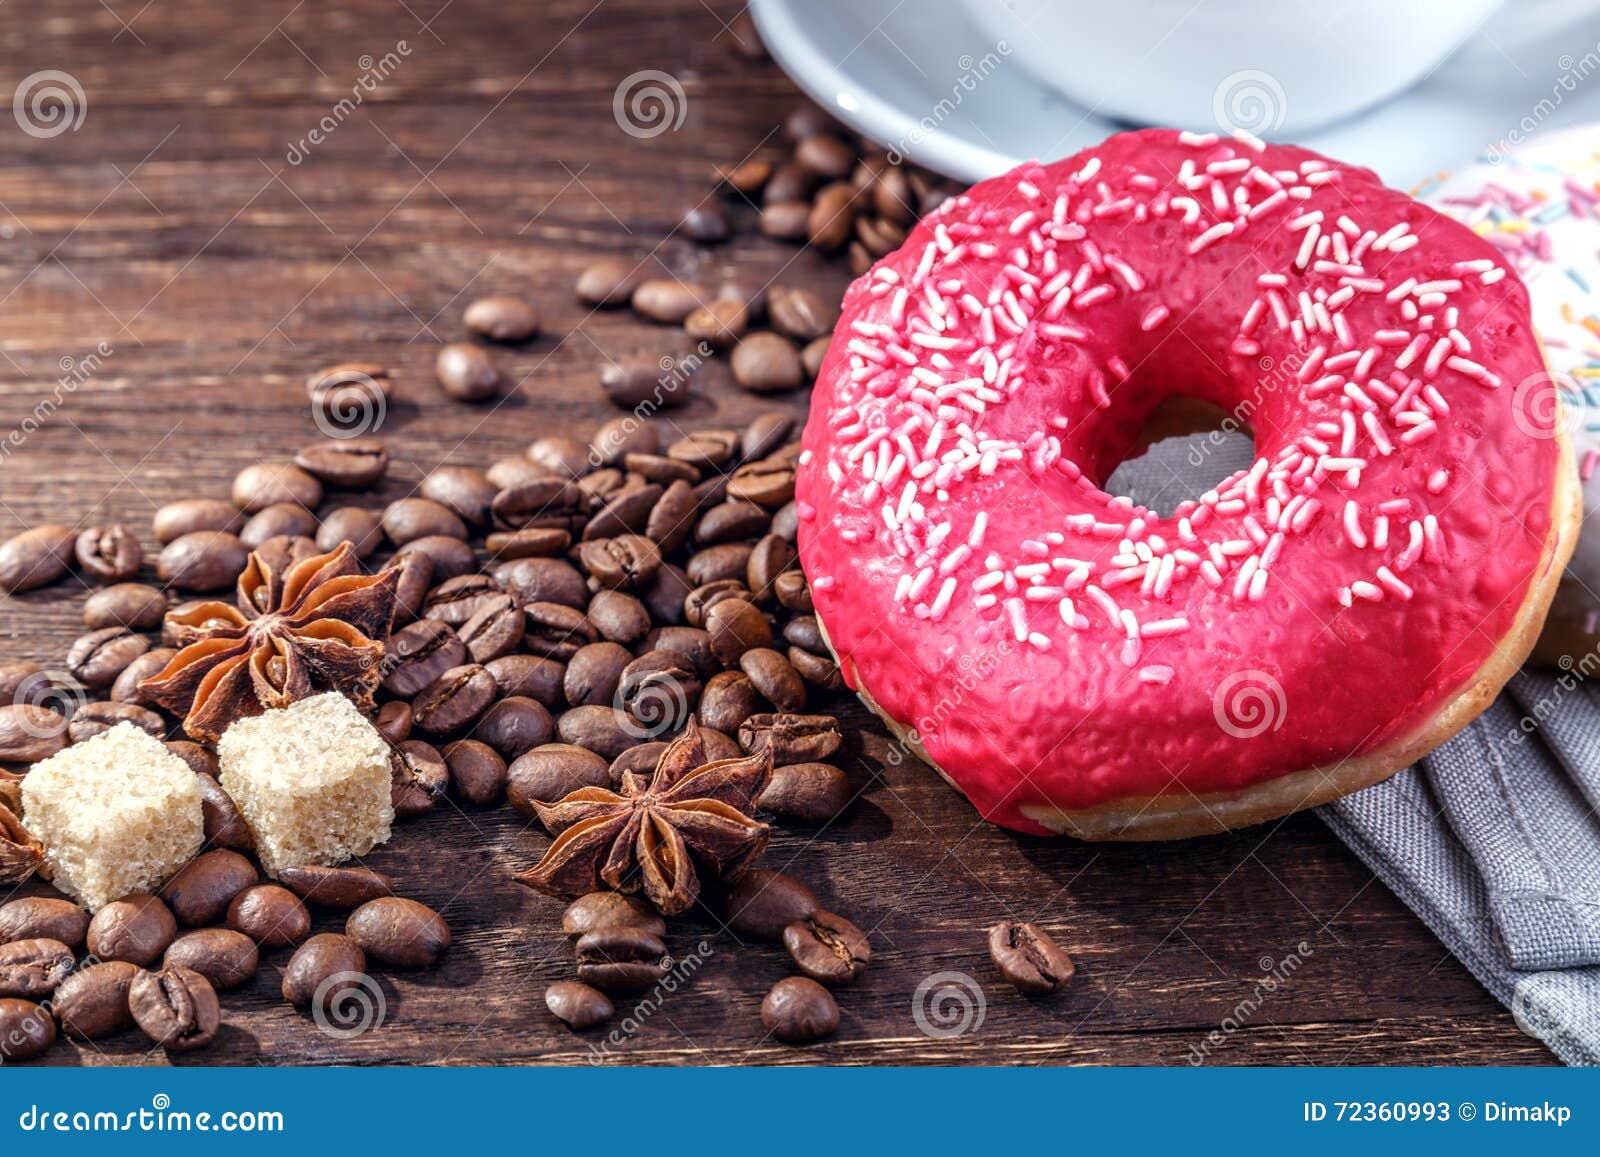 咖啡豆多福饼